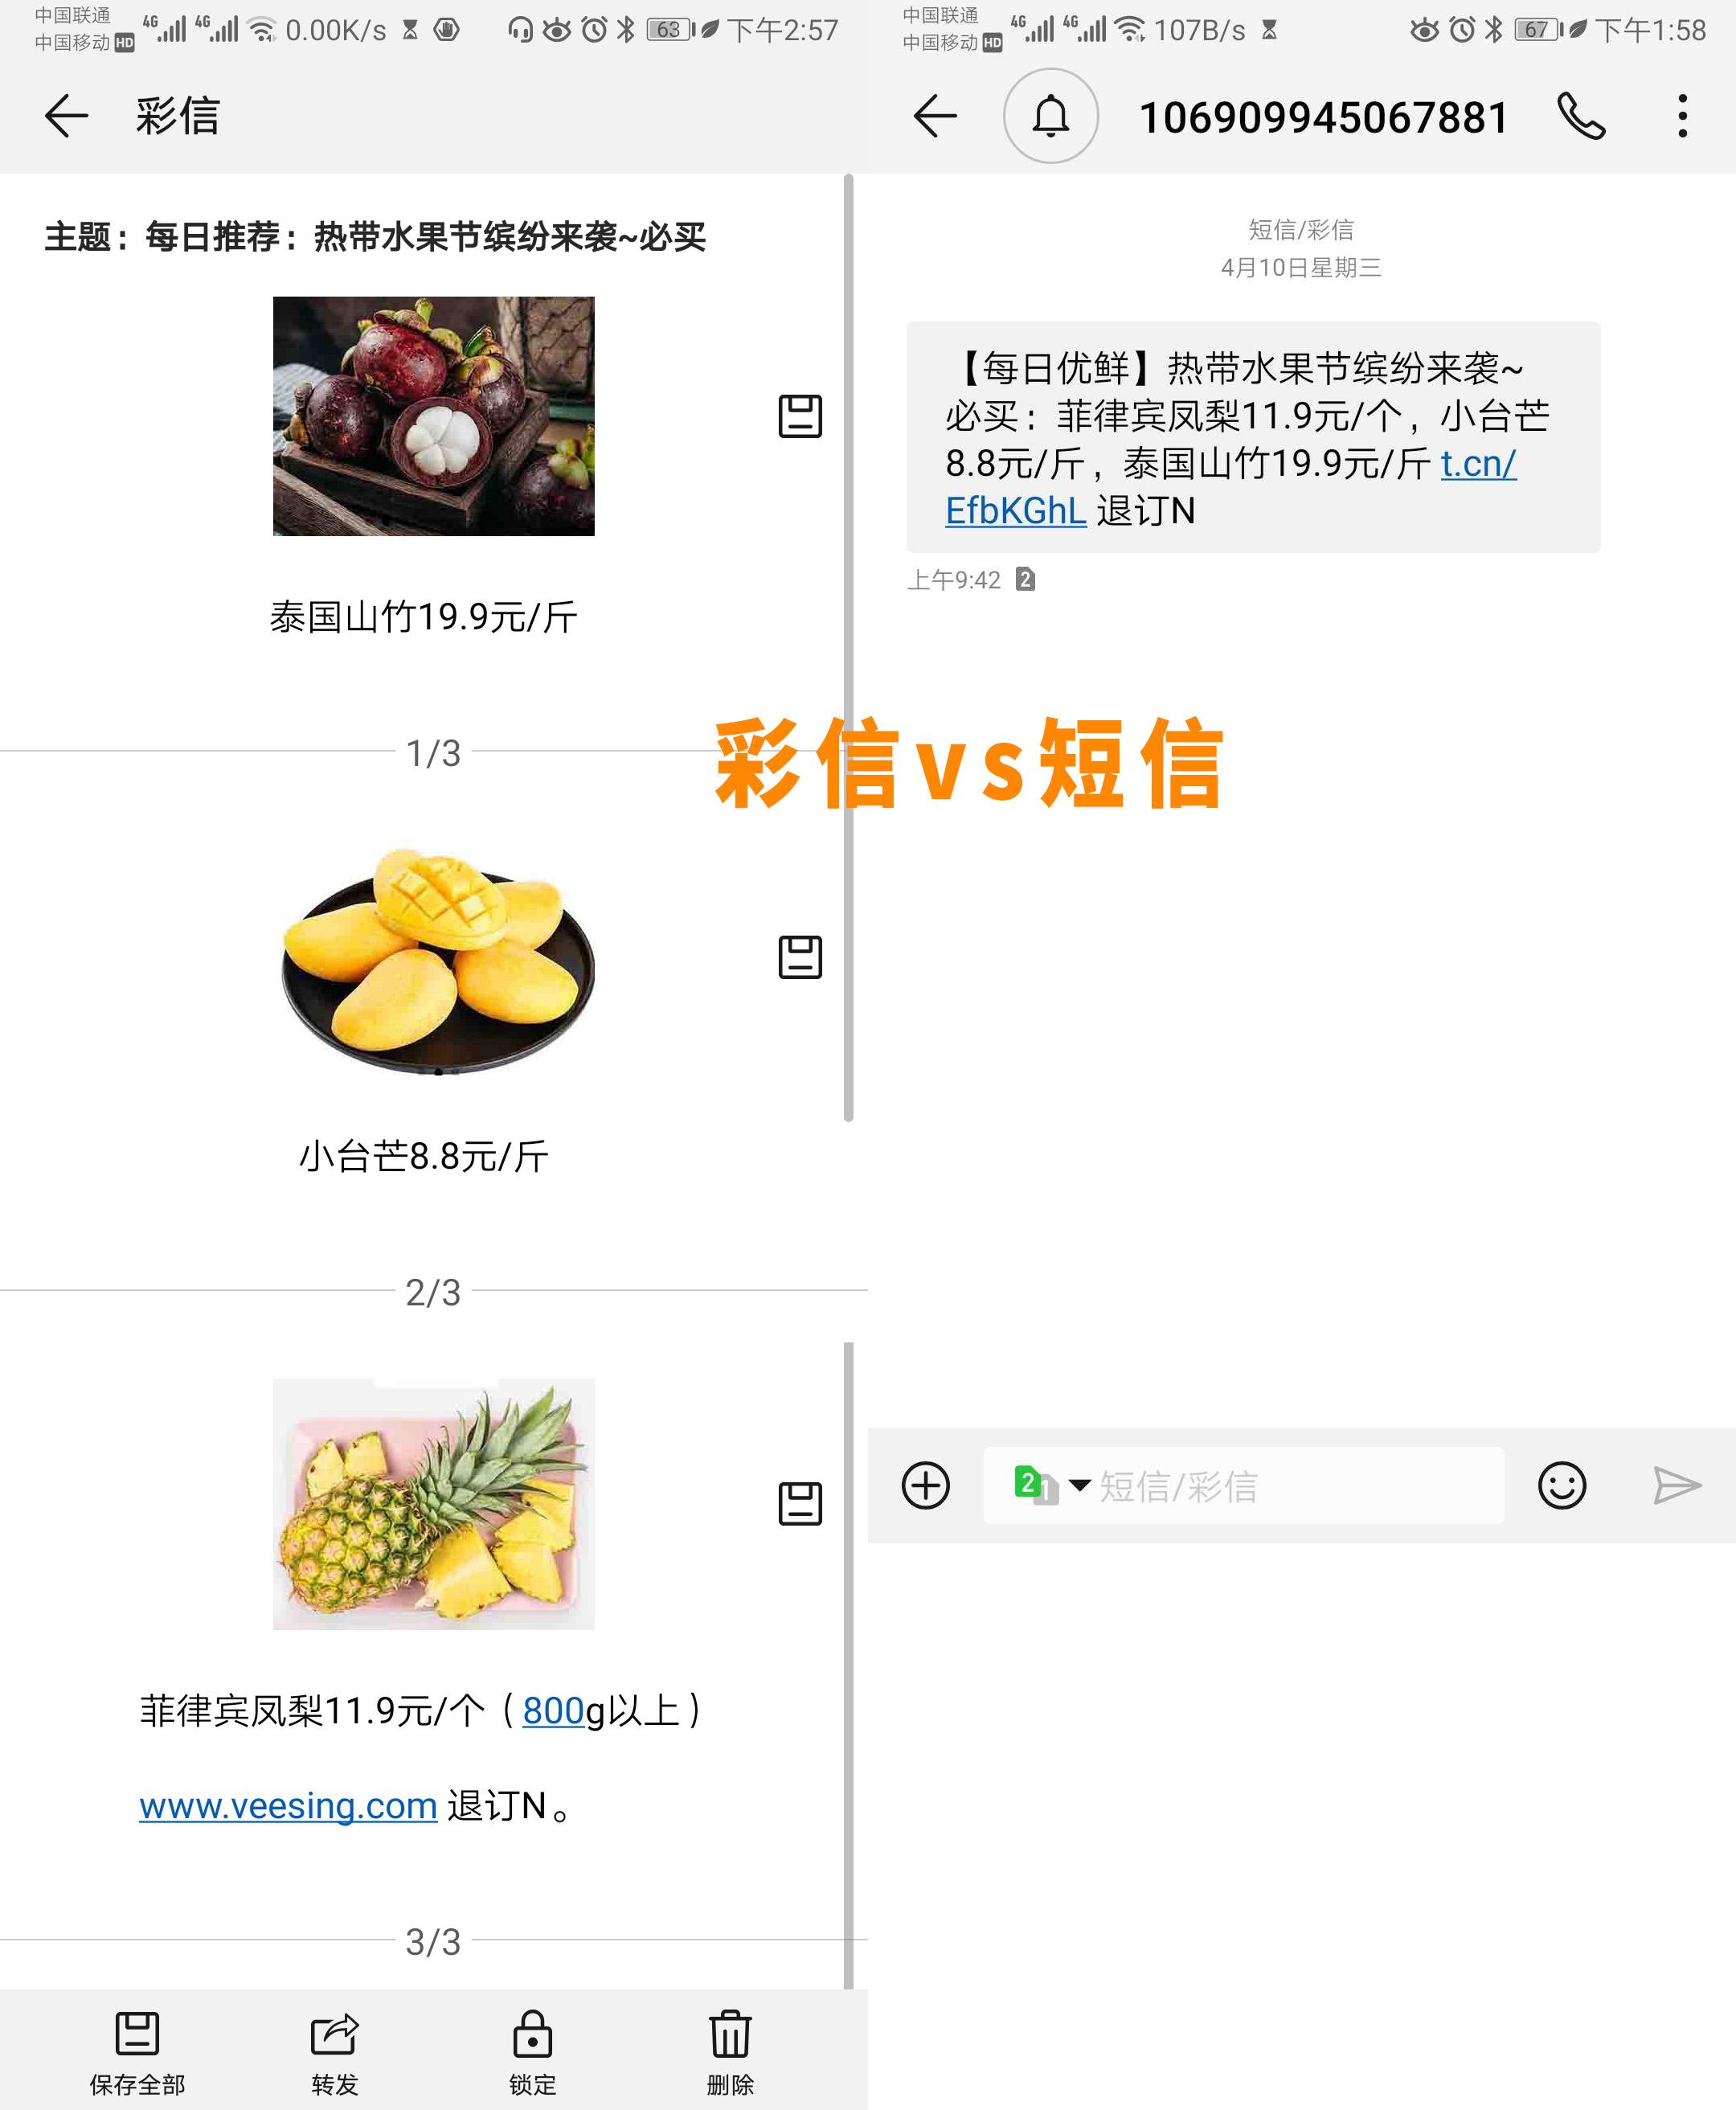 短信和彩信接收对比图.jpg